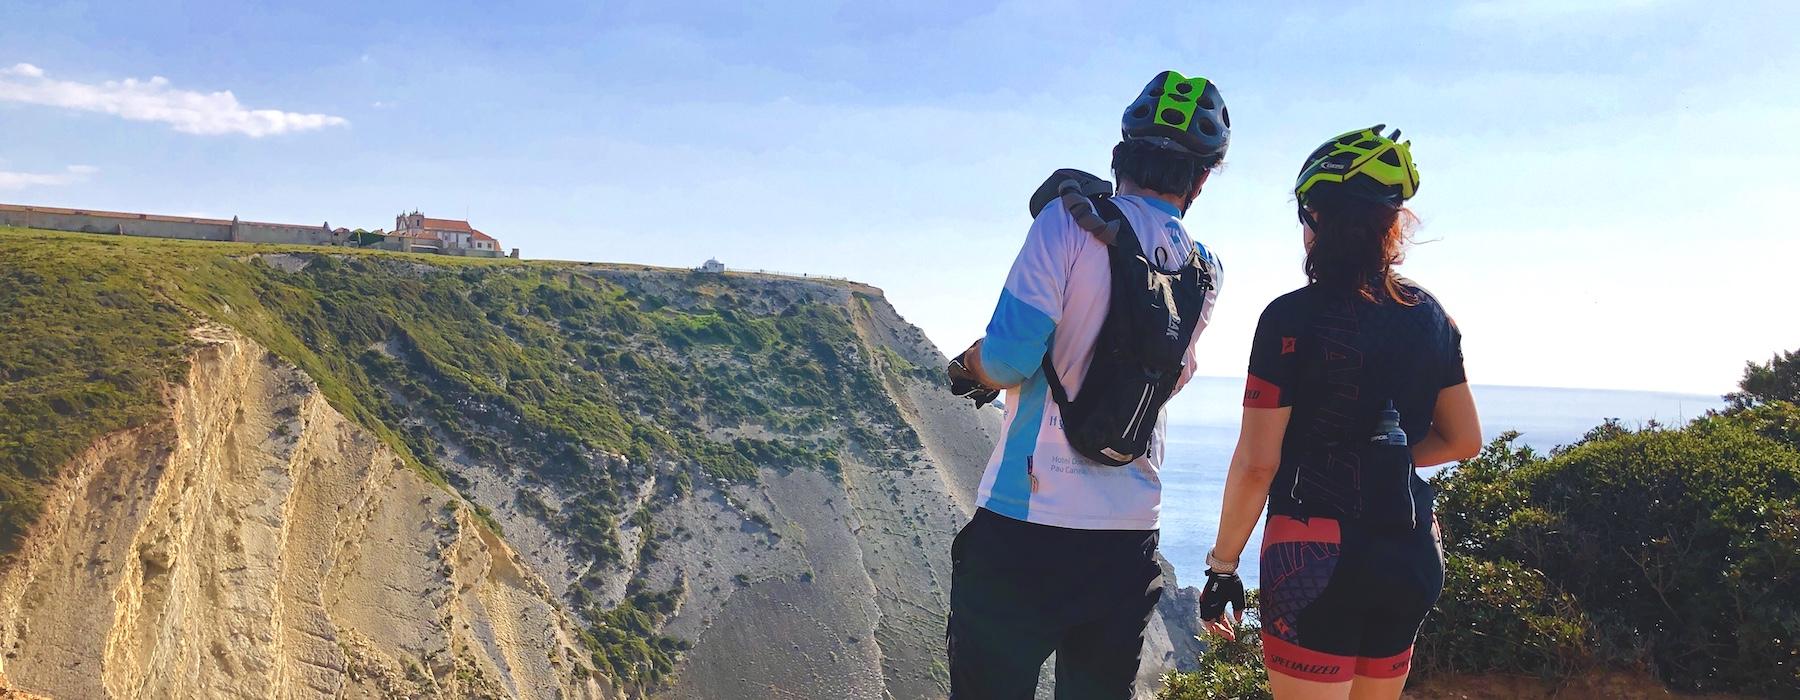 Bikers looking over cliff shore